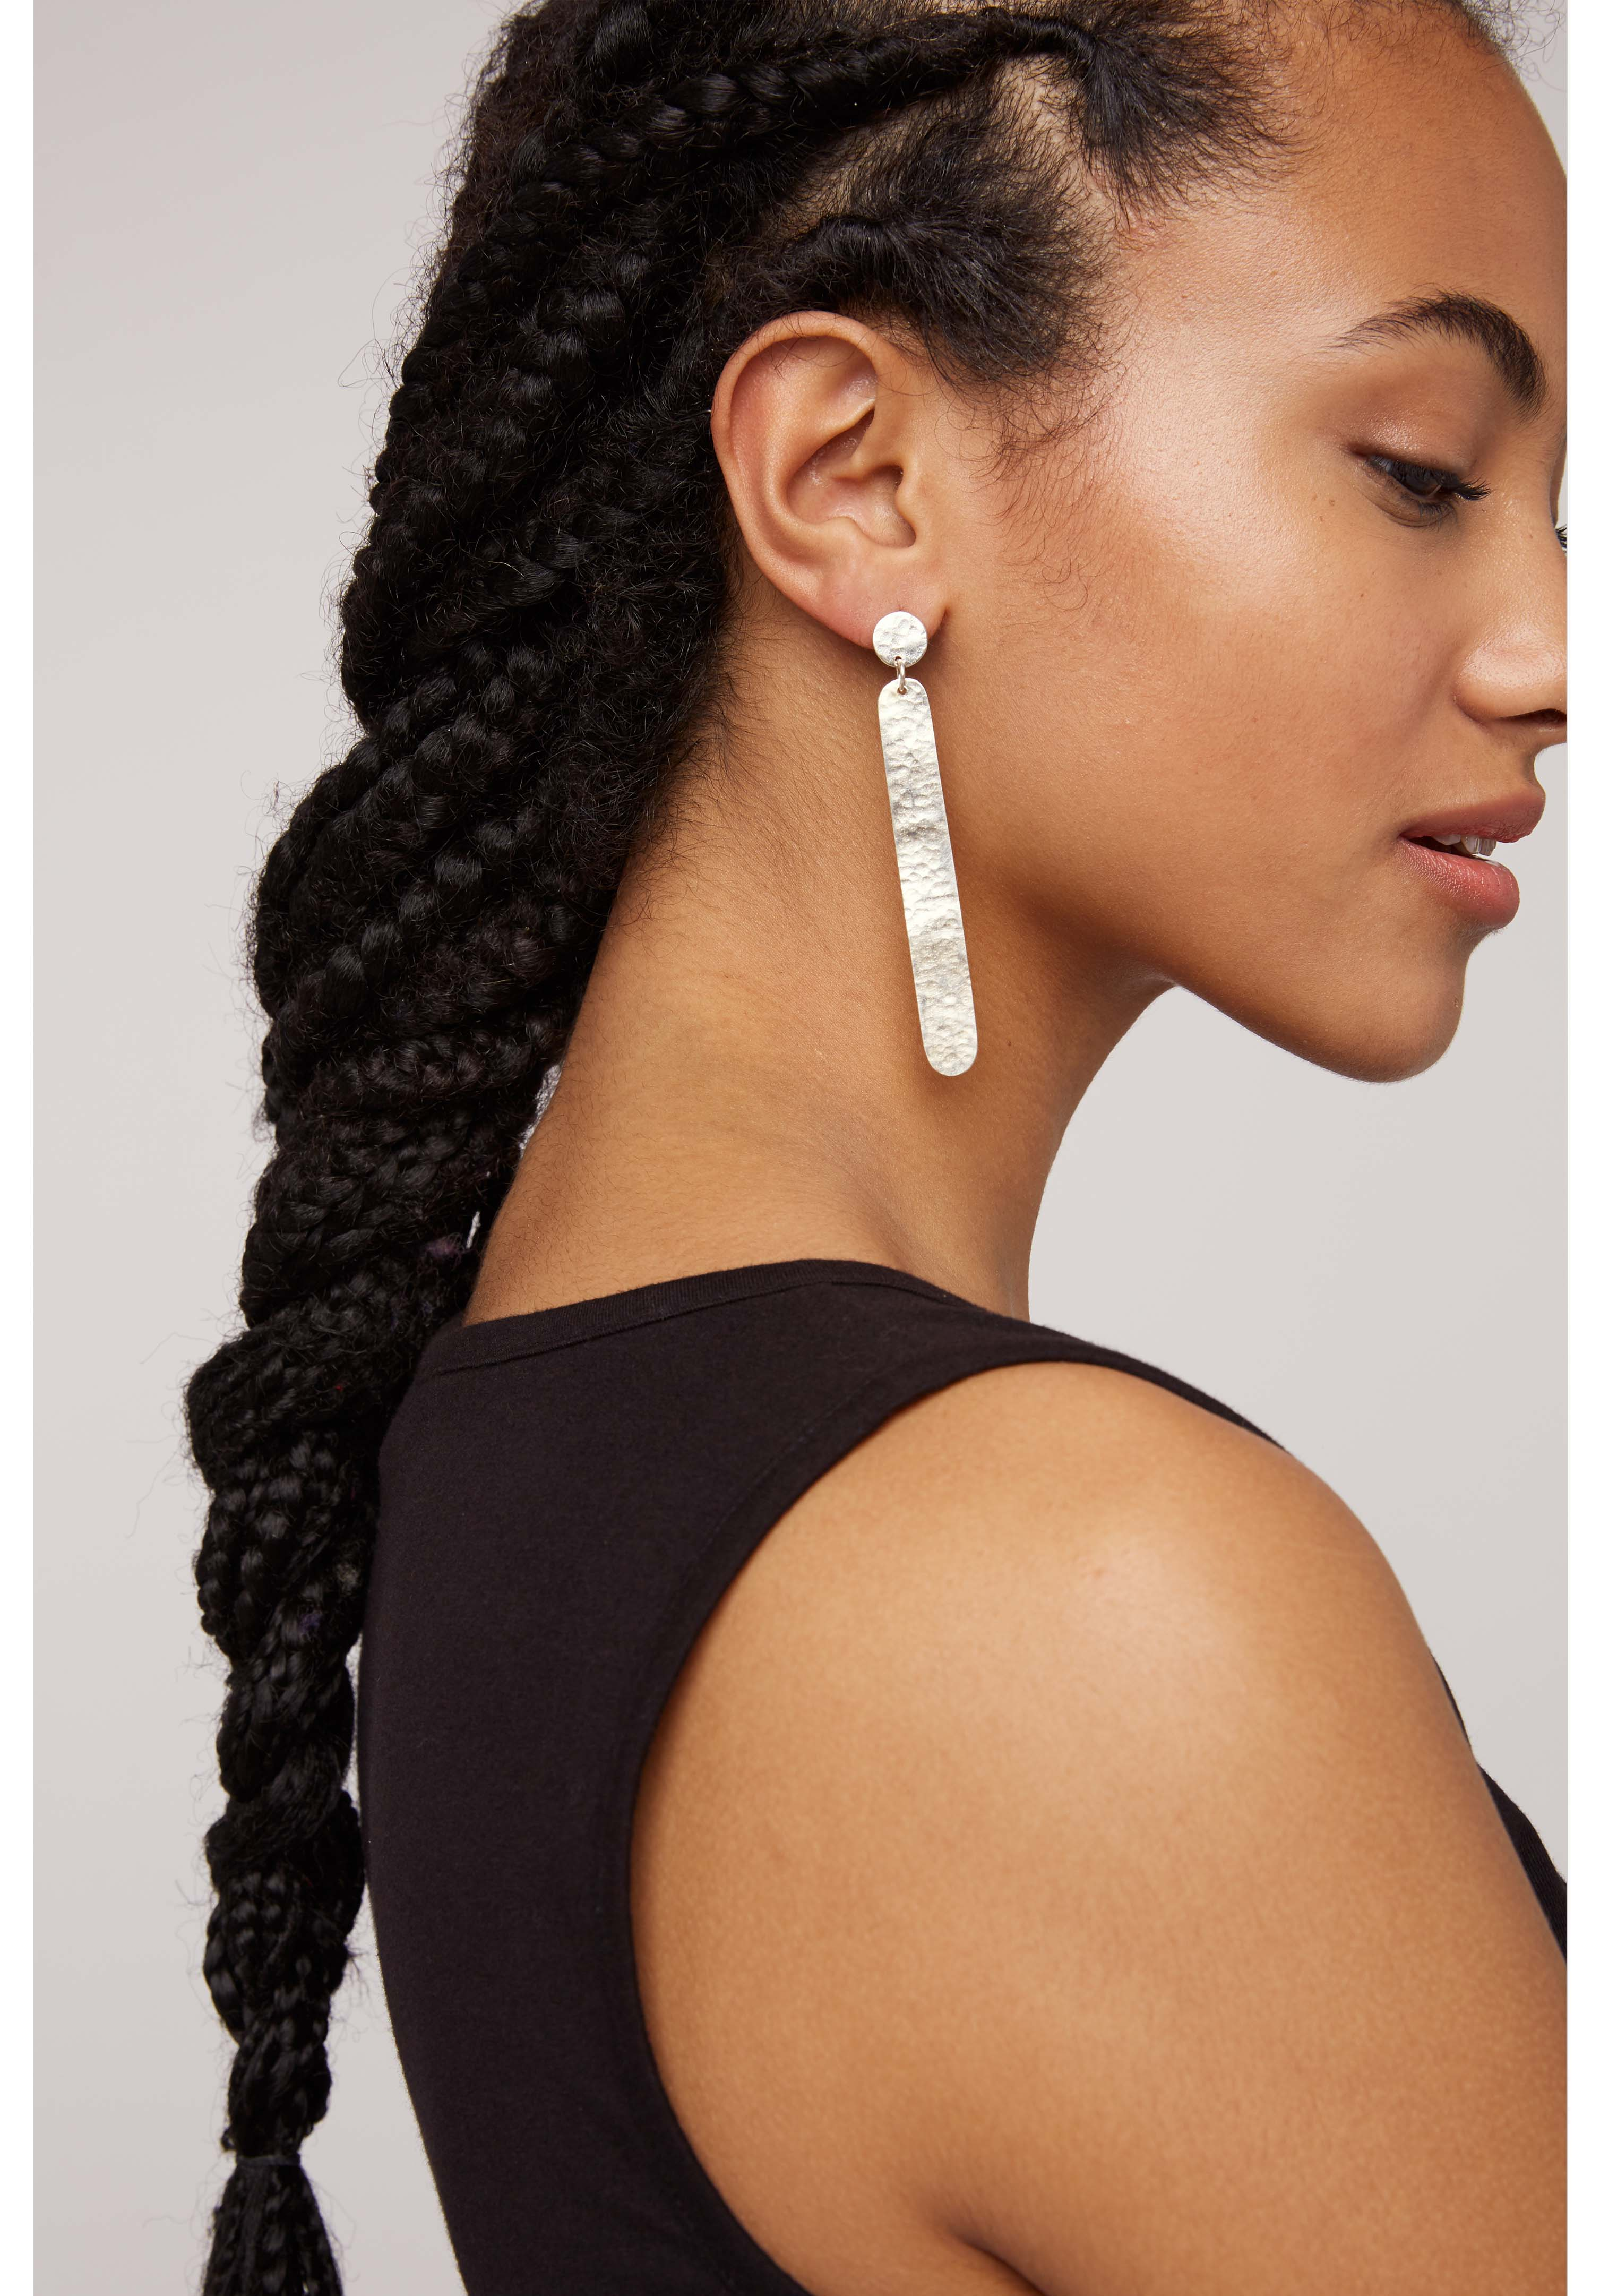 Dot Dash Earrings in Silver